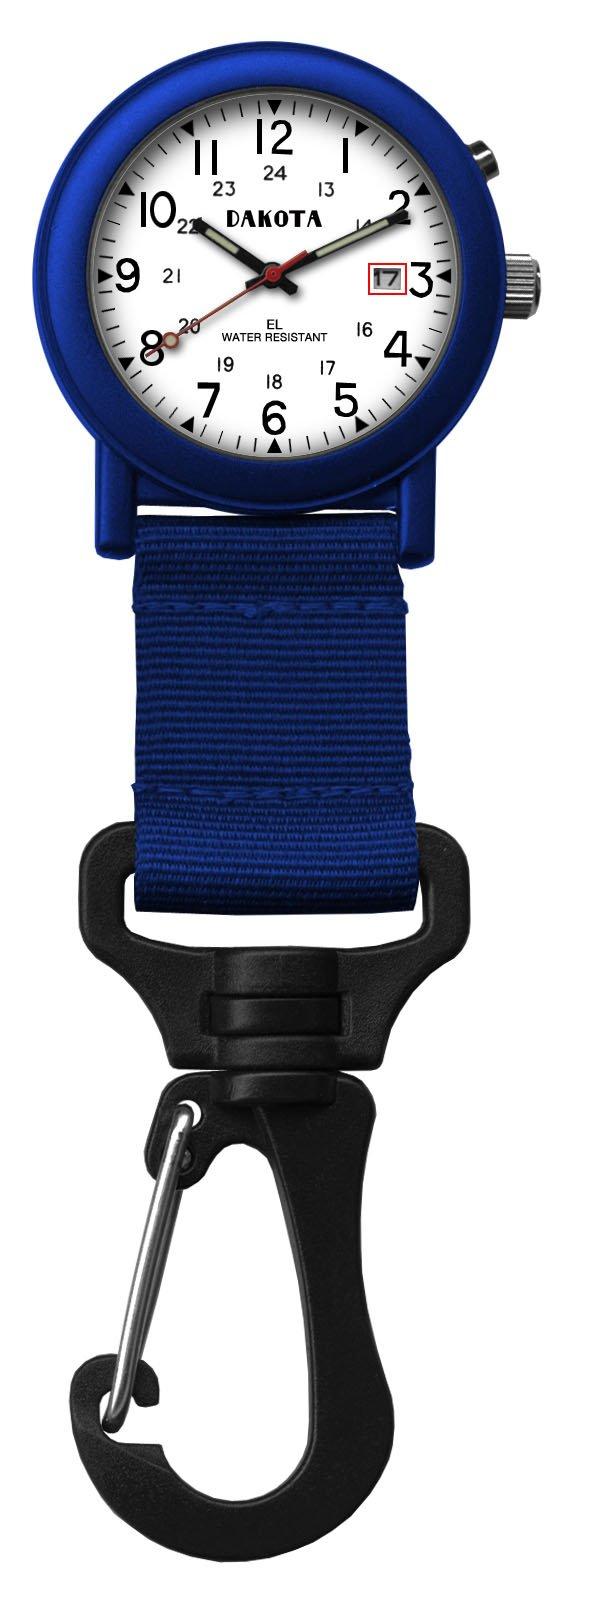 Dakota Light Backpacker Clip Watch w/Dial Light - Blue